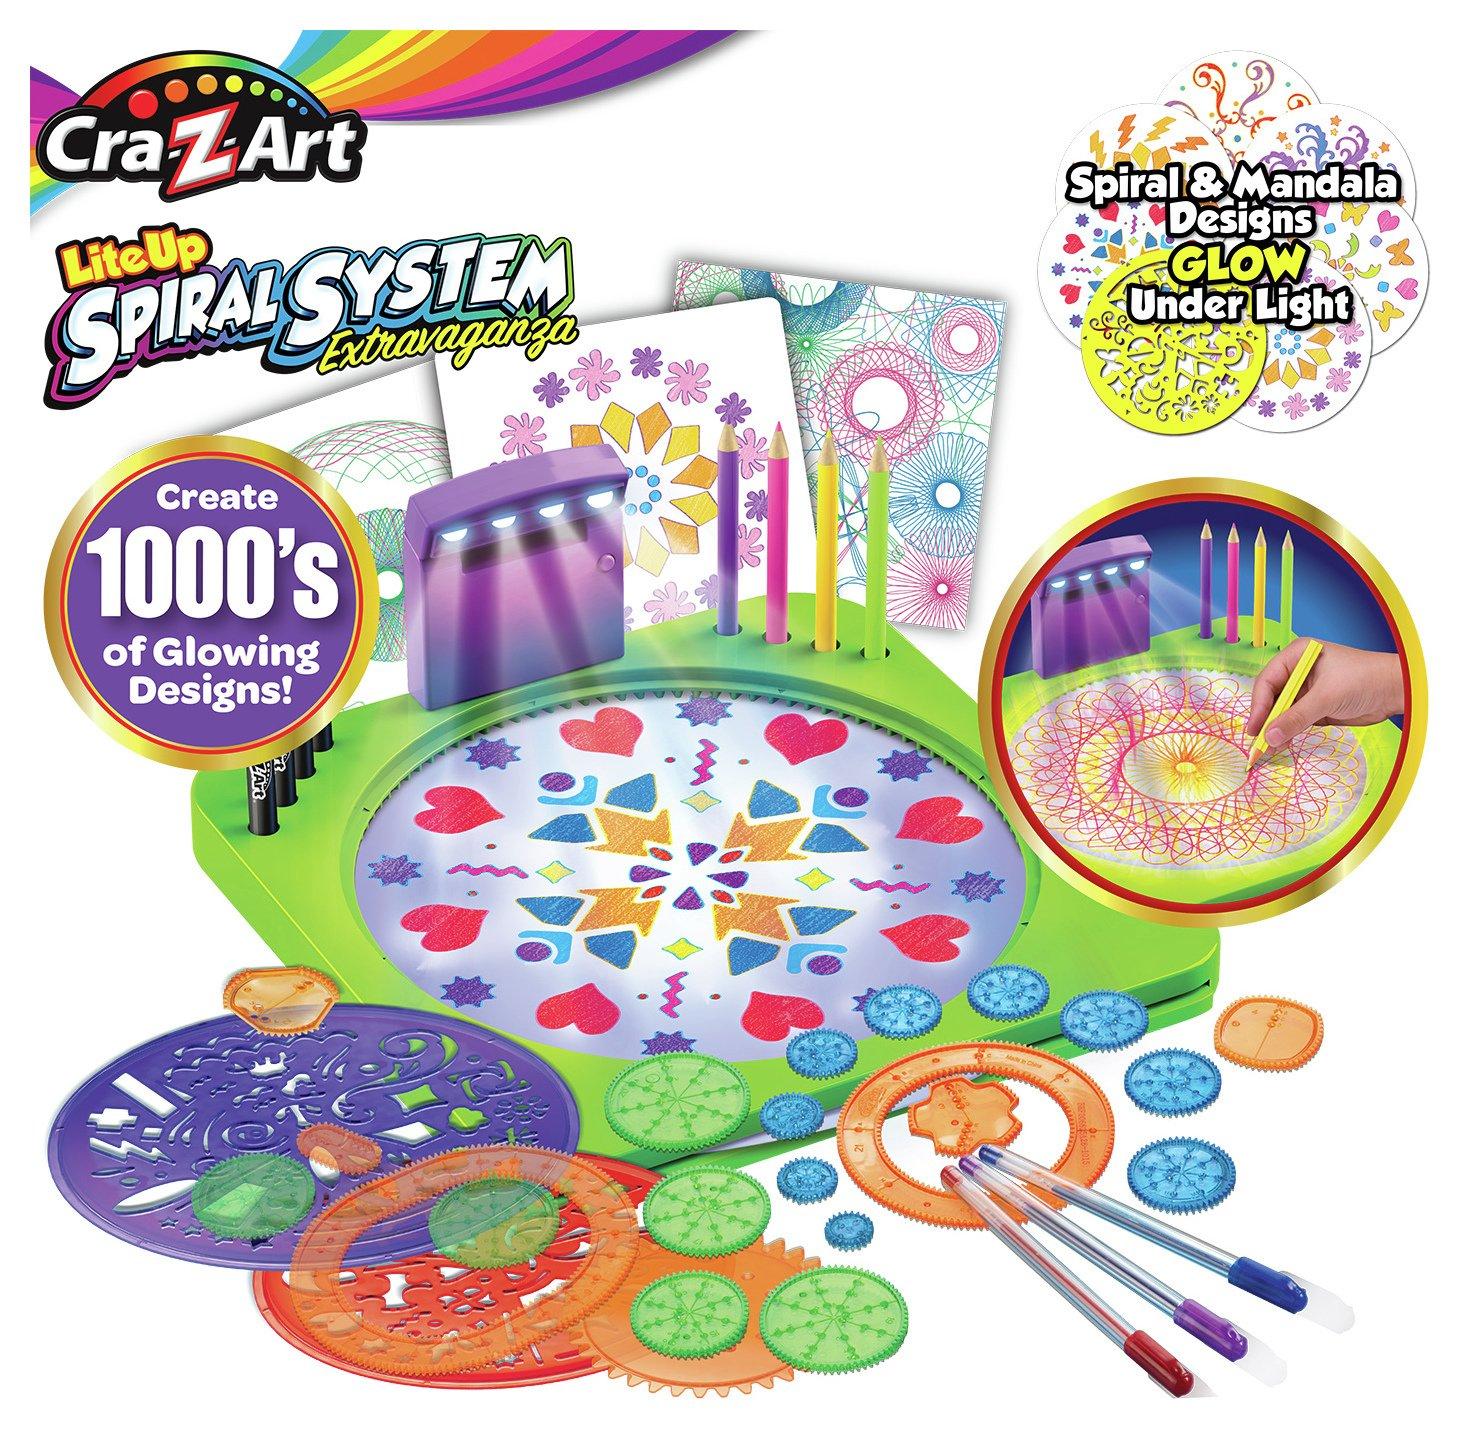 Image of Cra-Z-Art Super Spiral Set